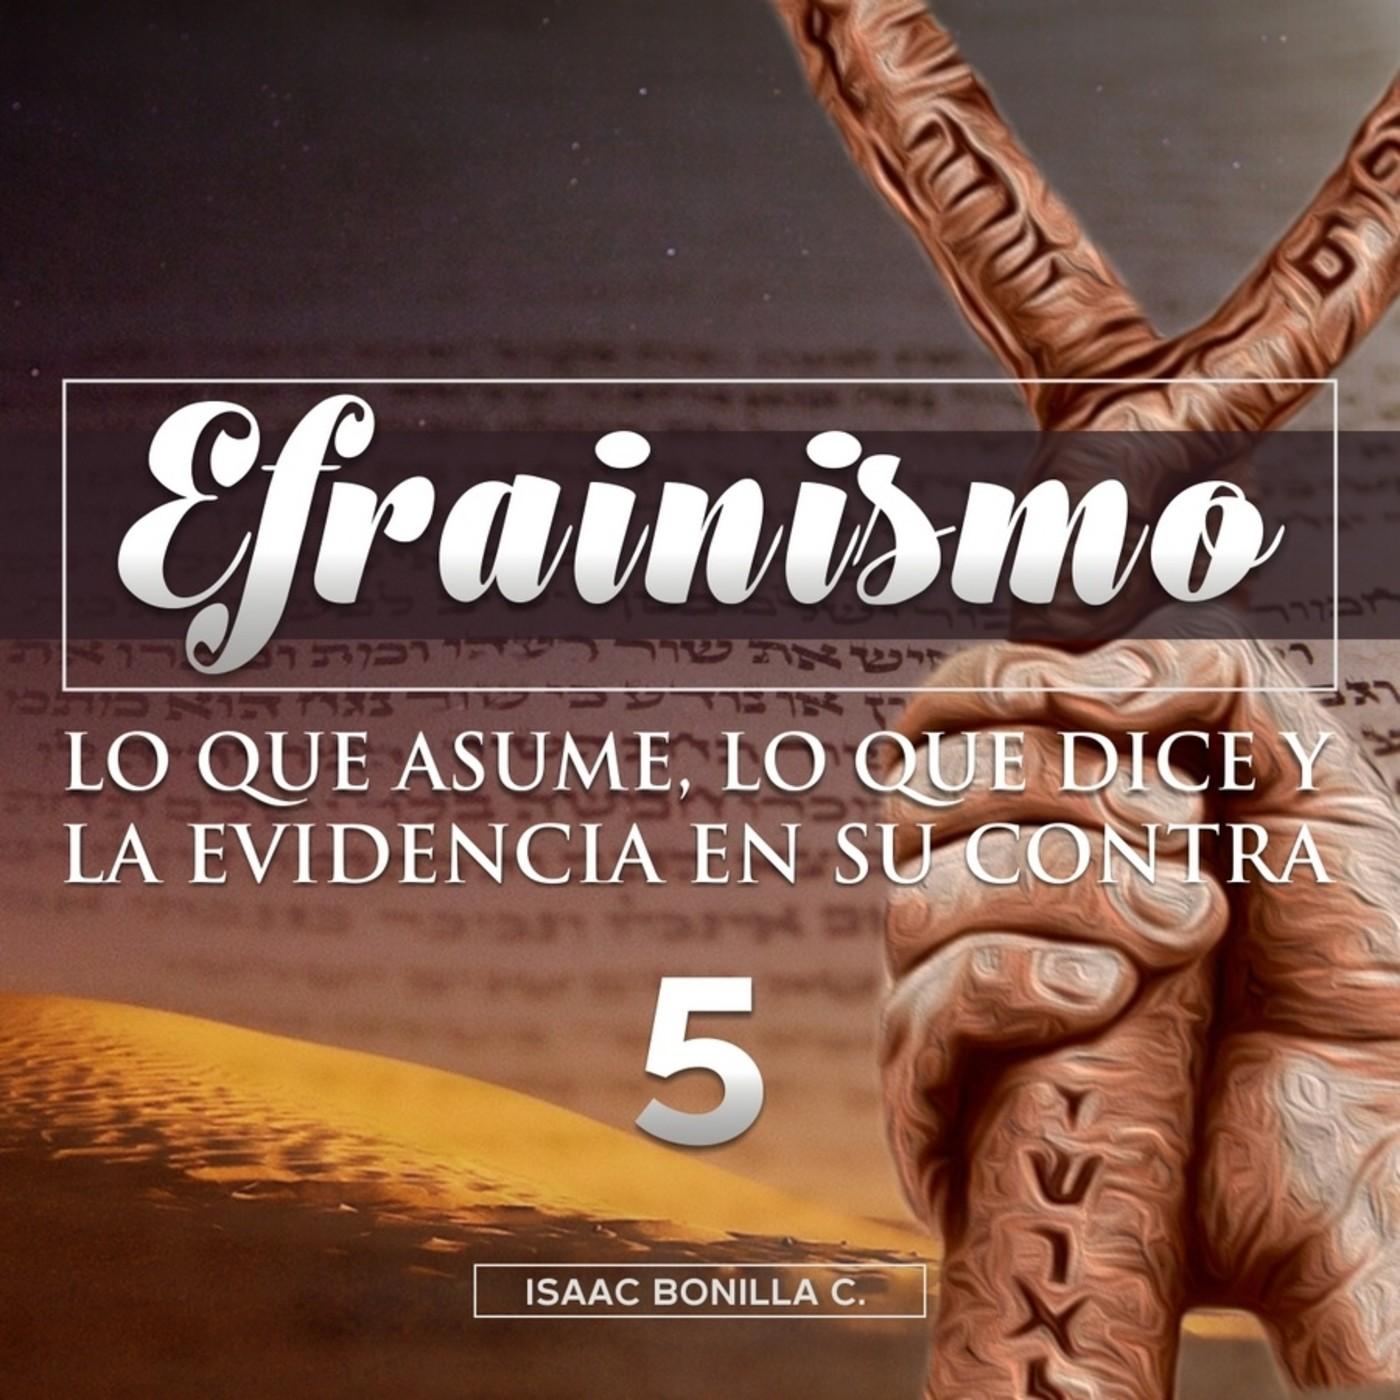 05 Efrainismo, lo que asume, lo que dice y la evidencia en su contra Pte 5 (Preguntas) - Isaac Bonilla